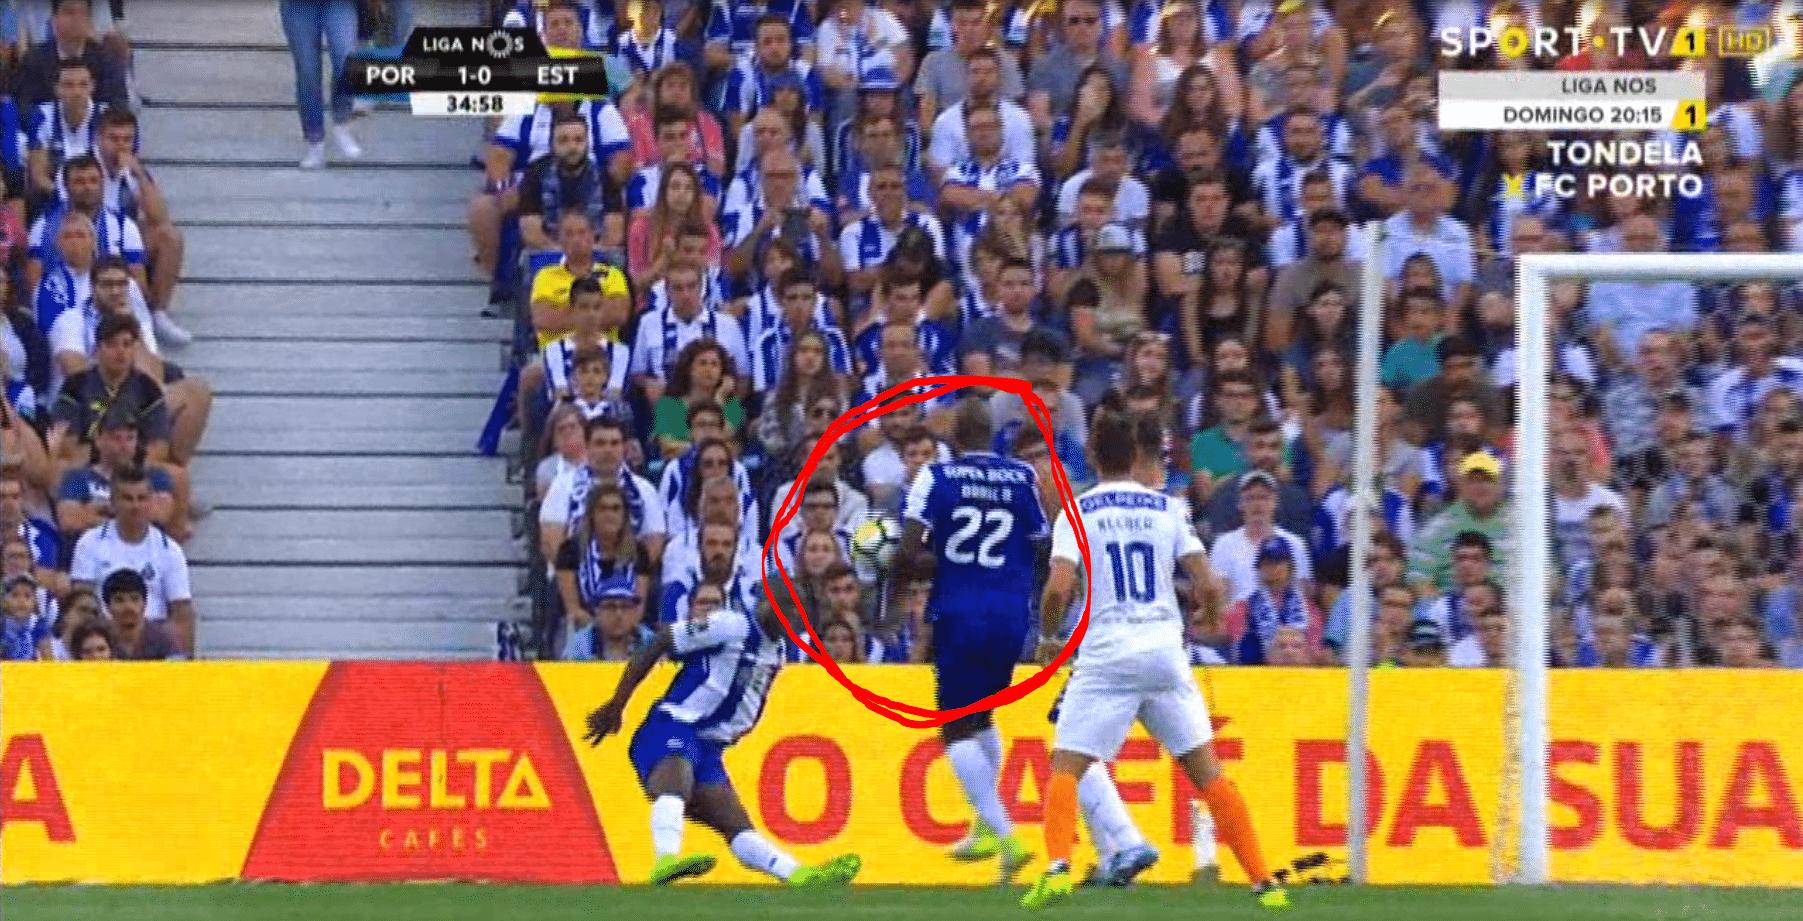 43adf515fa FC Porto beneficiado no 1º golo. Video-árbitro não deu penalti para o  Estoril e não anulou o golo do FC Porto